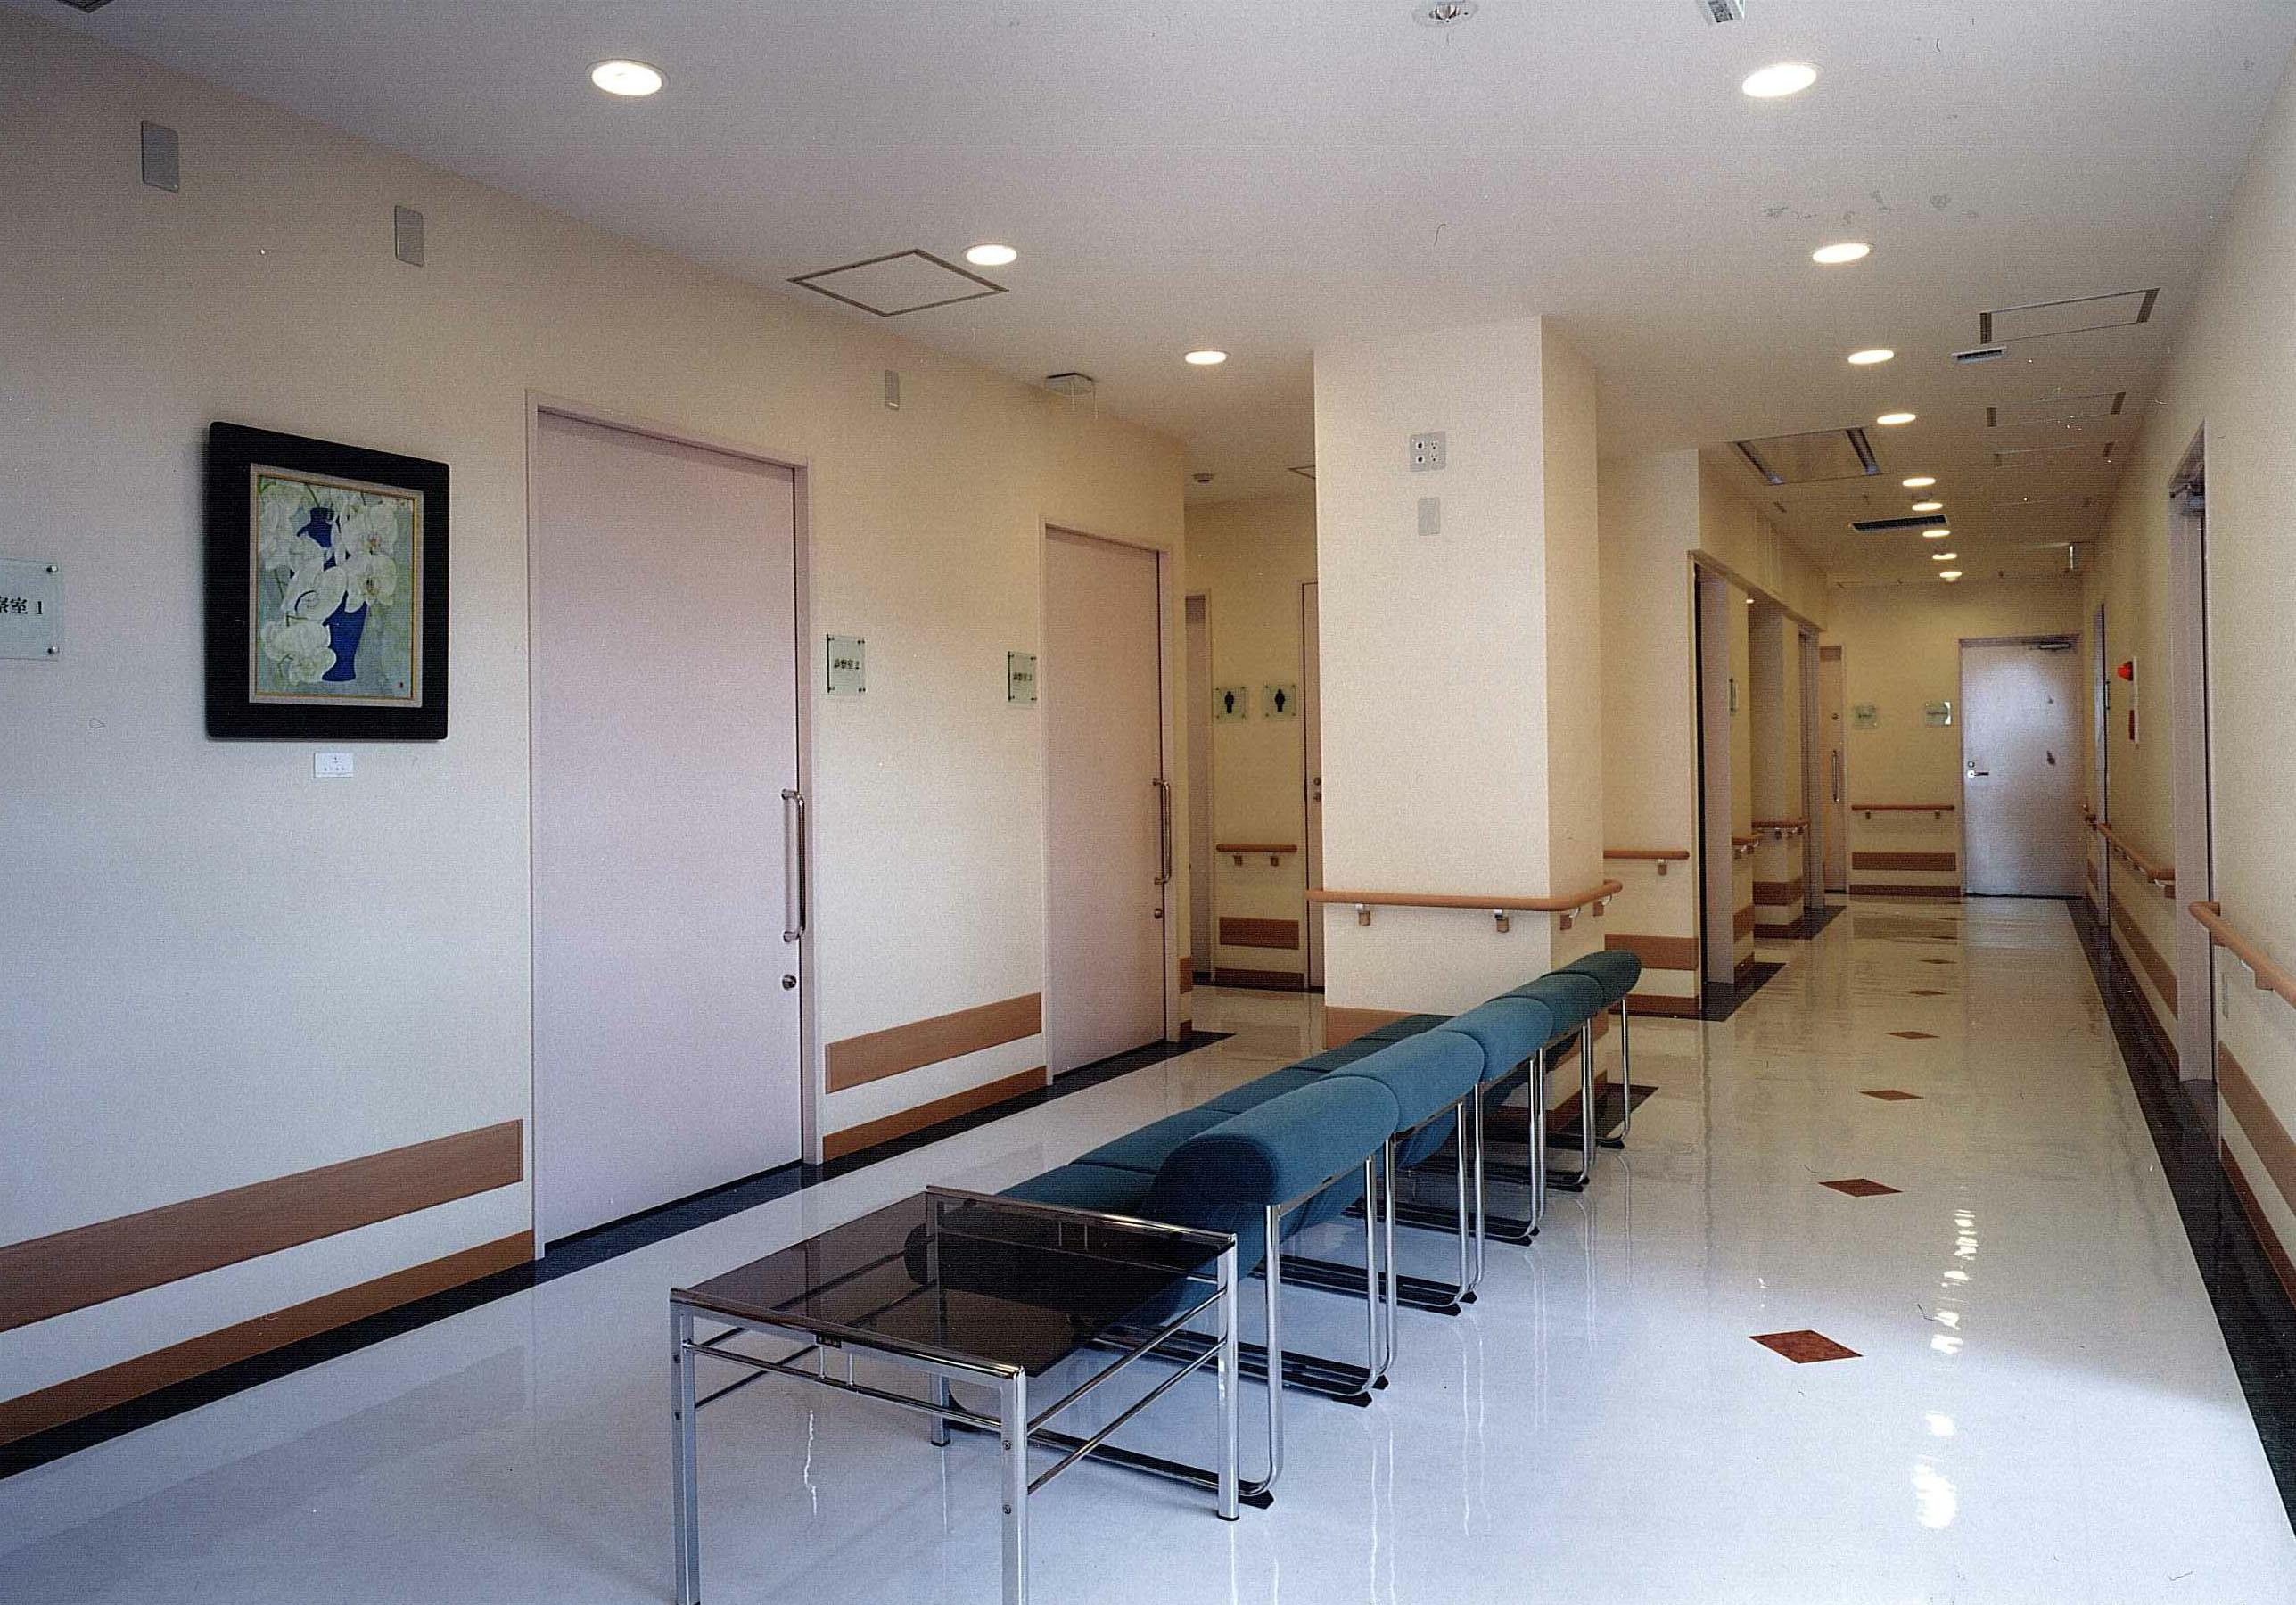 新緑会脳神経外科クリニック待合室2